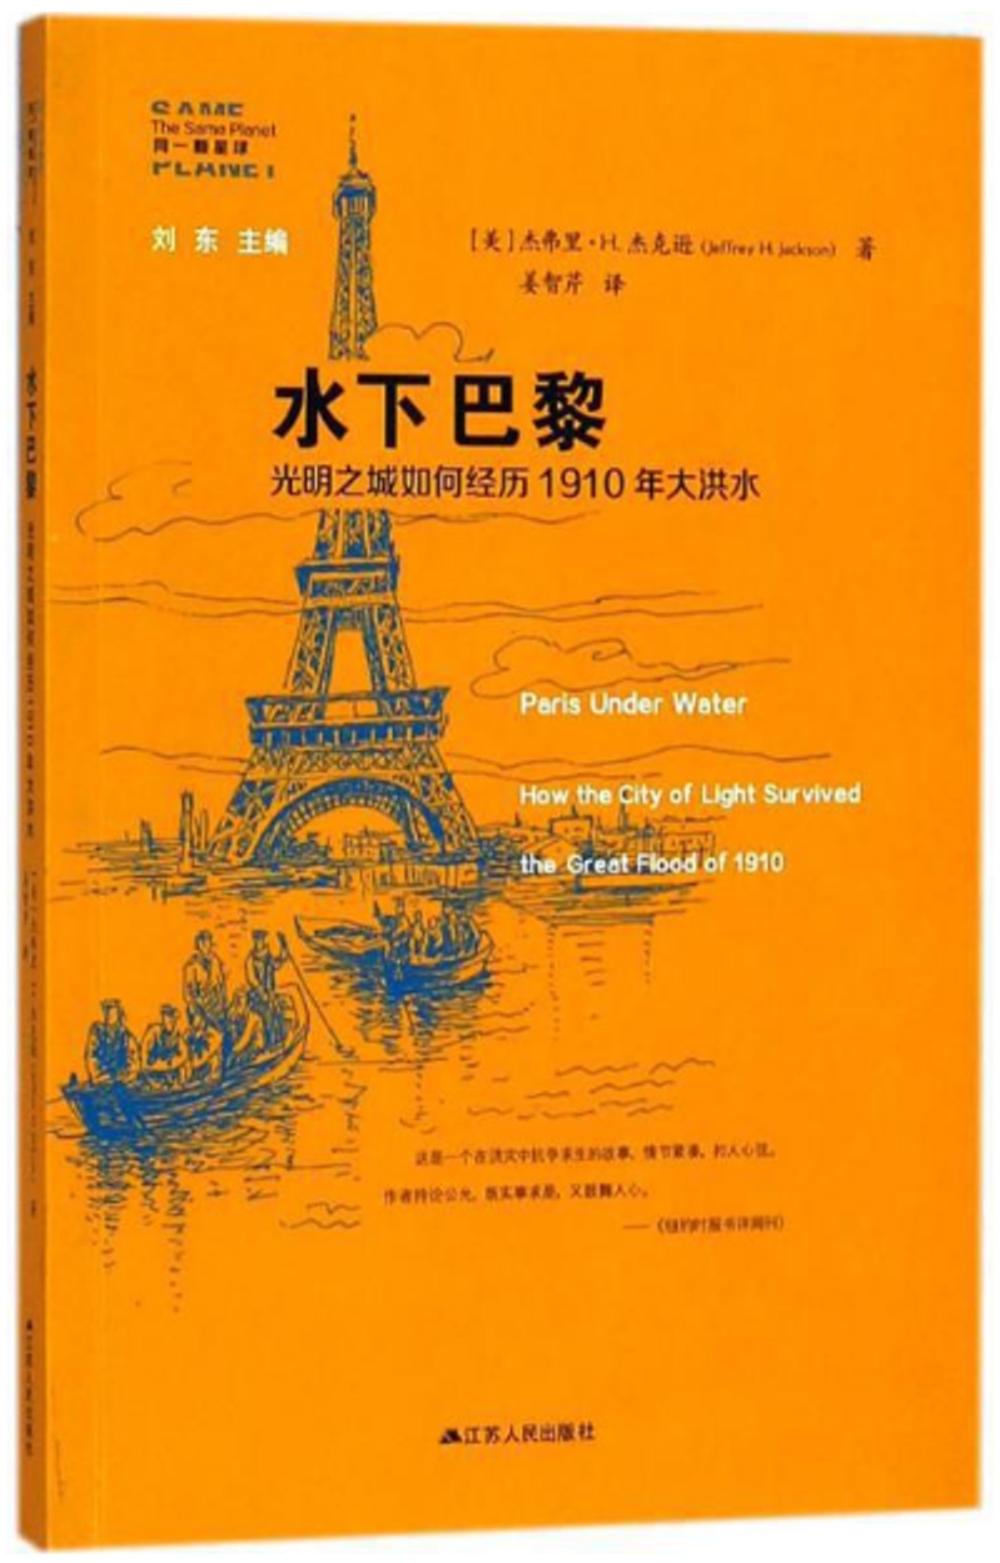 水下巴黎:光明之城如何經歷1910年大洪水